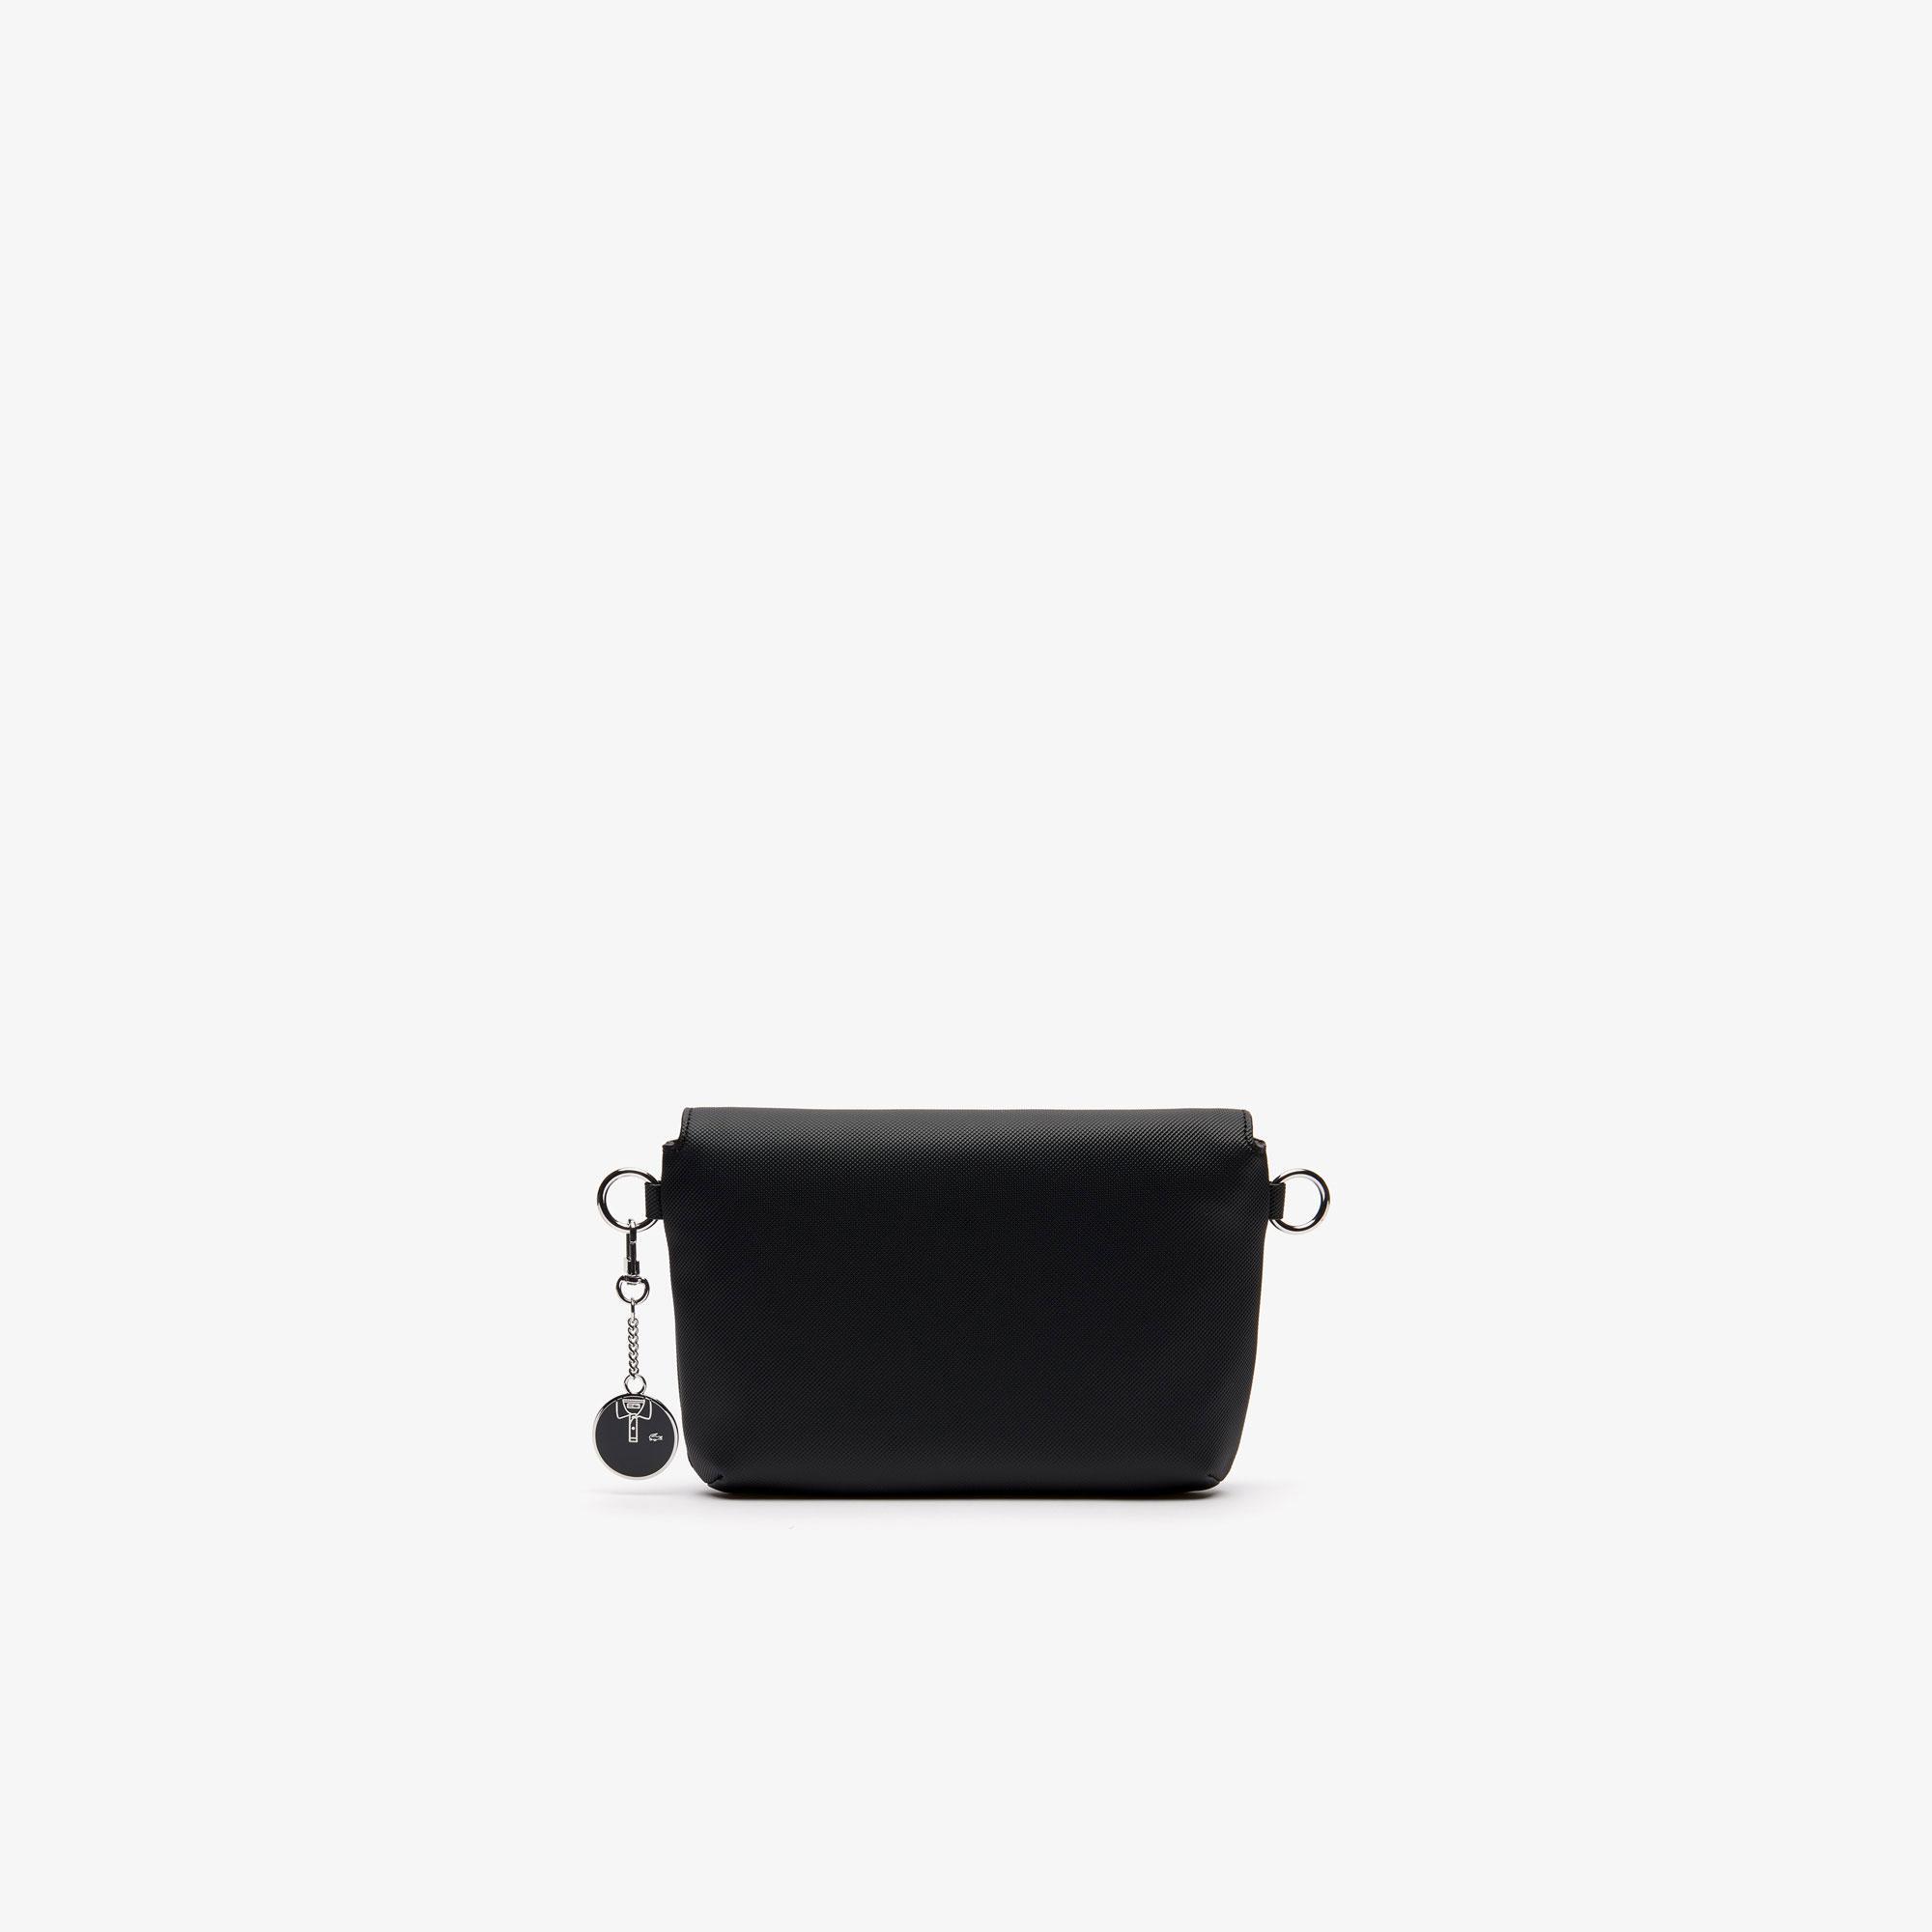 Lacoste Women's Daily Classic Coated Piqué Canvas Flap Shoulder Bag